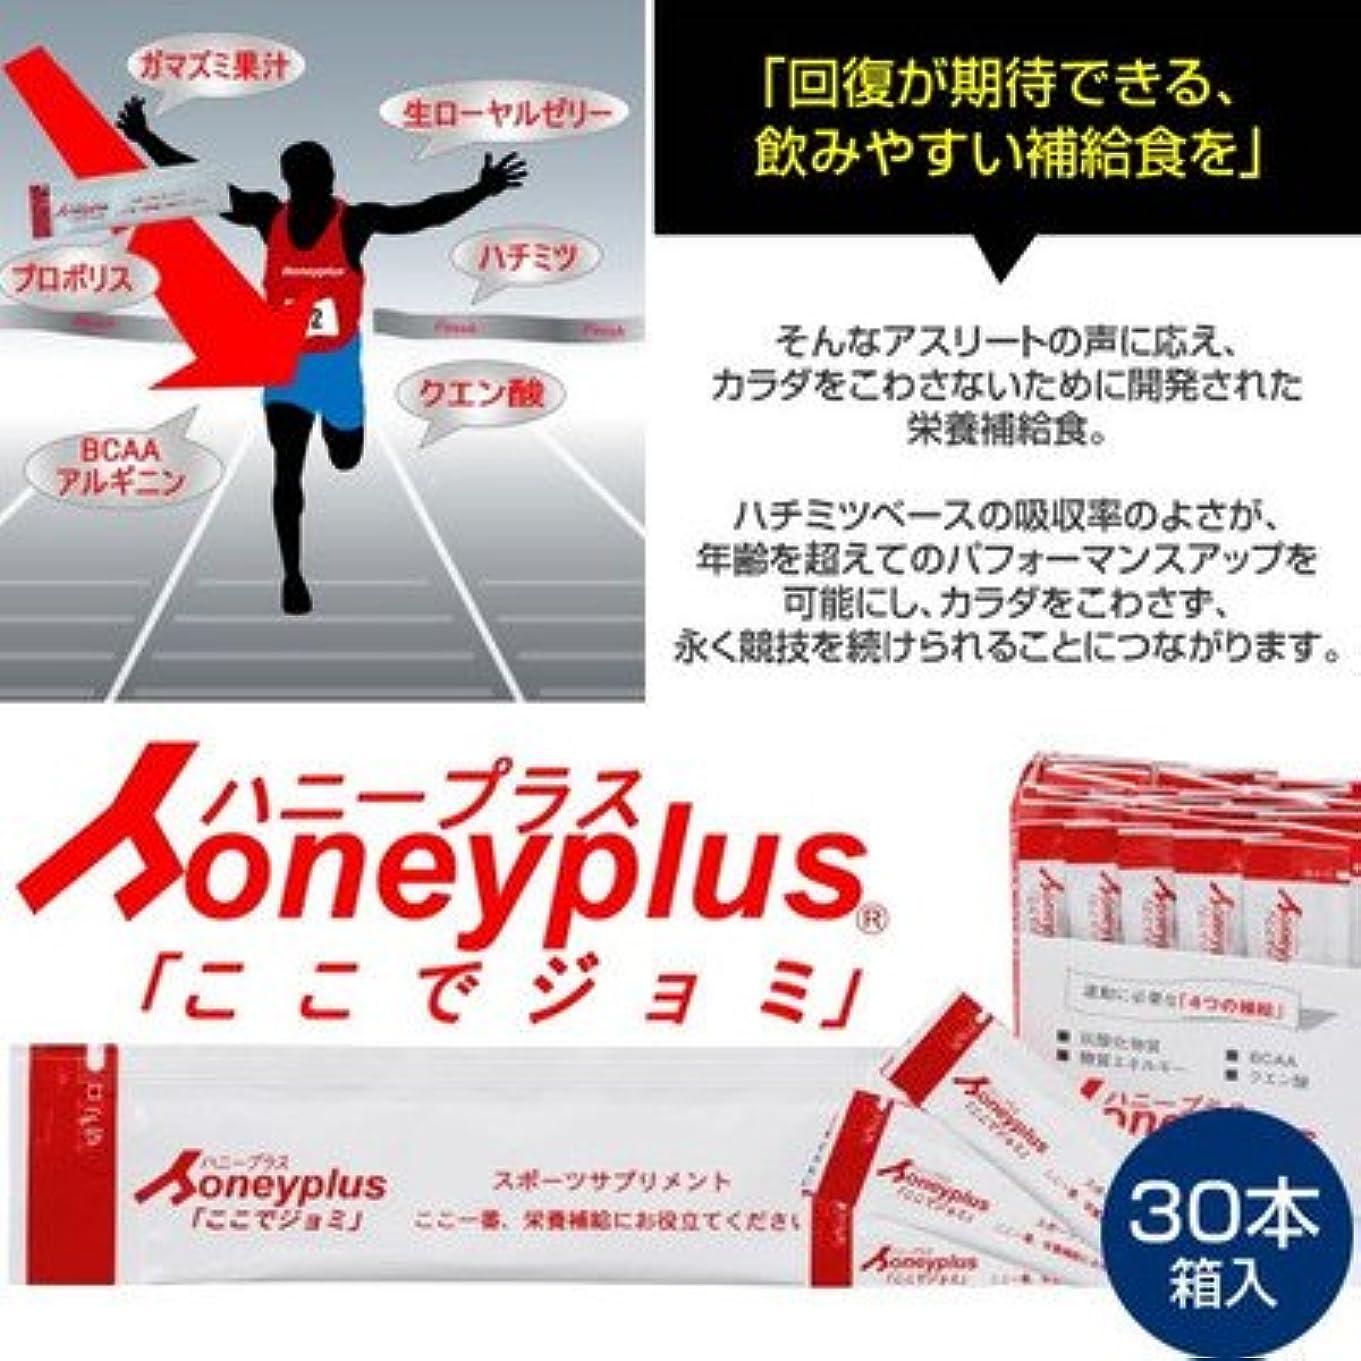 竜巻タンザニア勝利したHoneyplus「ここでジョミ」30本入/箱 運動時に摂るスポーツサプリメント